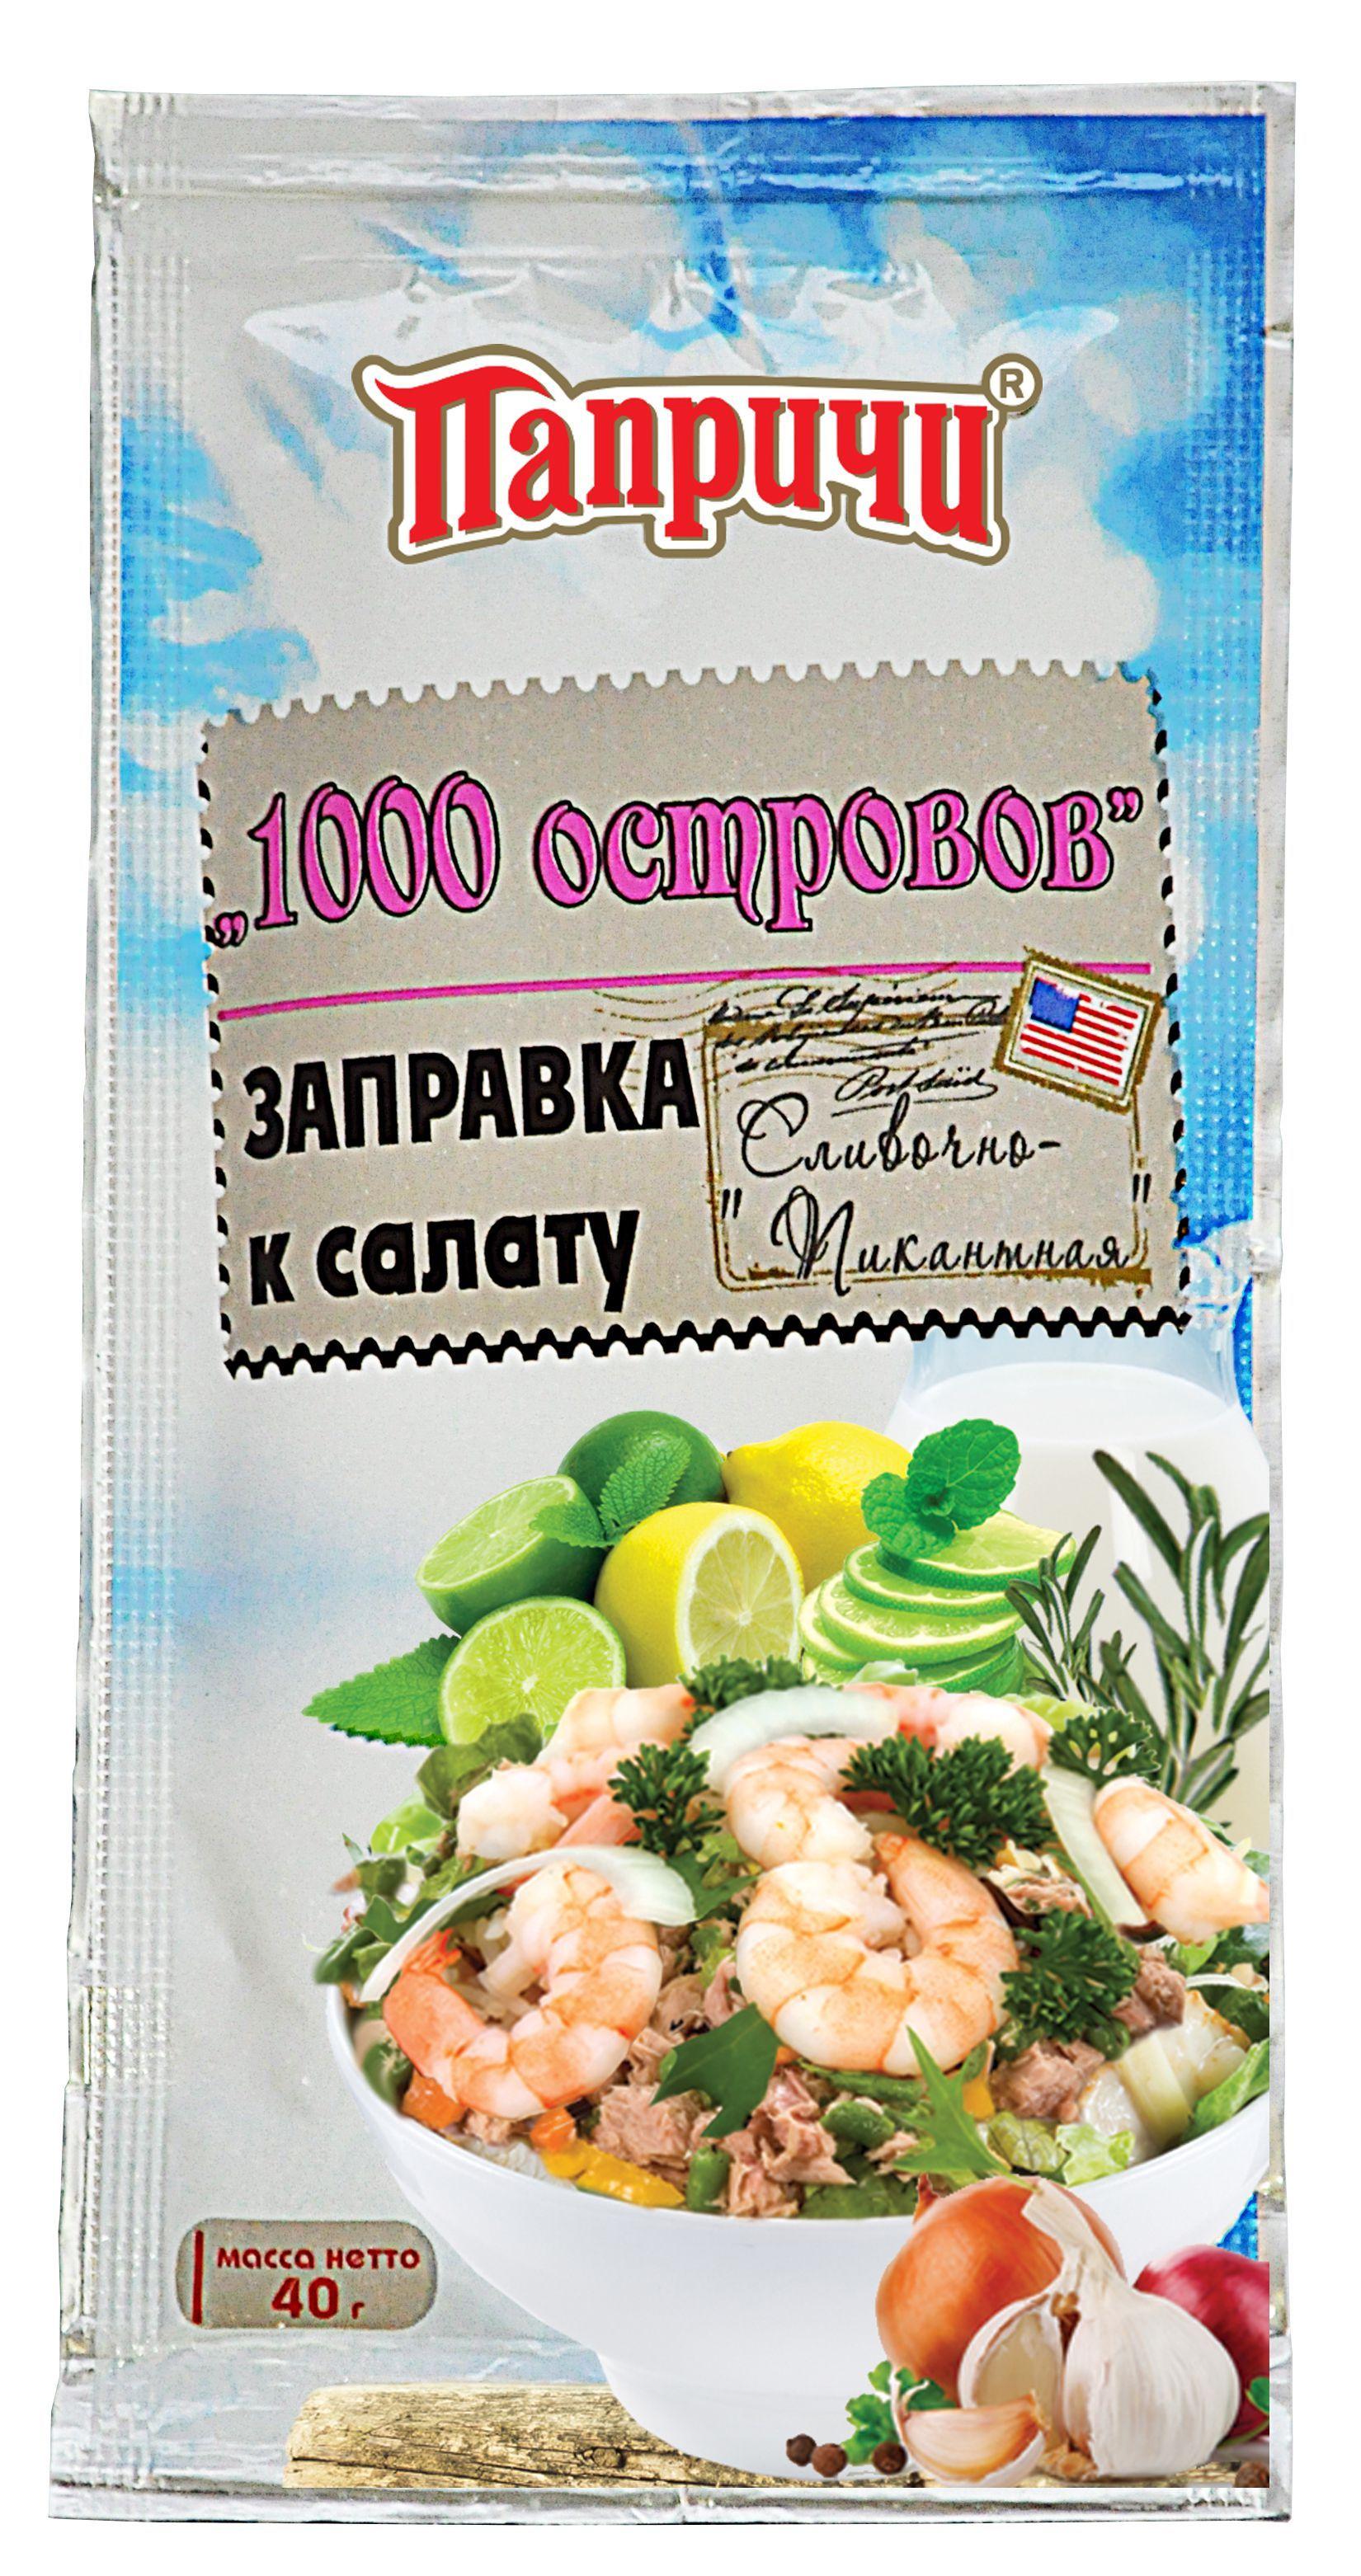 Заправка Сливочно-пикантная 40г к салату 1000 Островов, Папричи